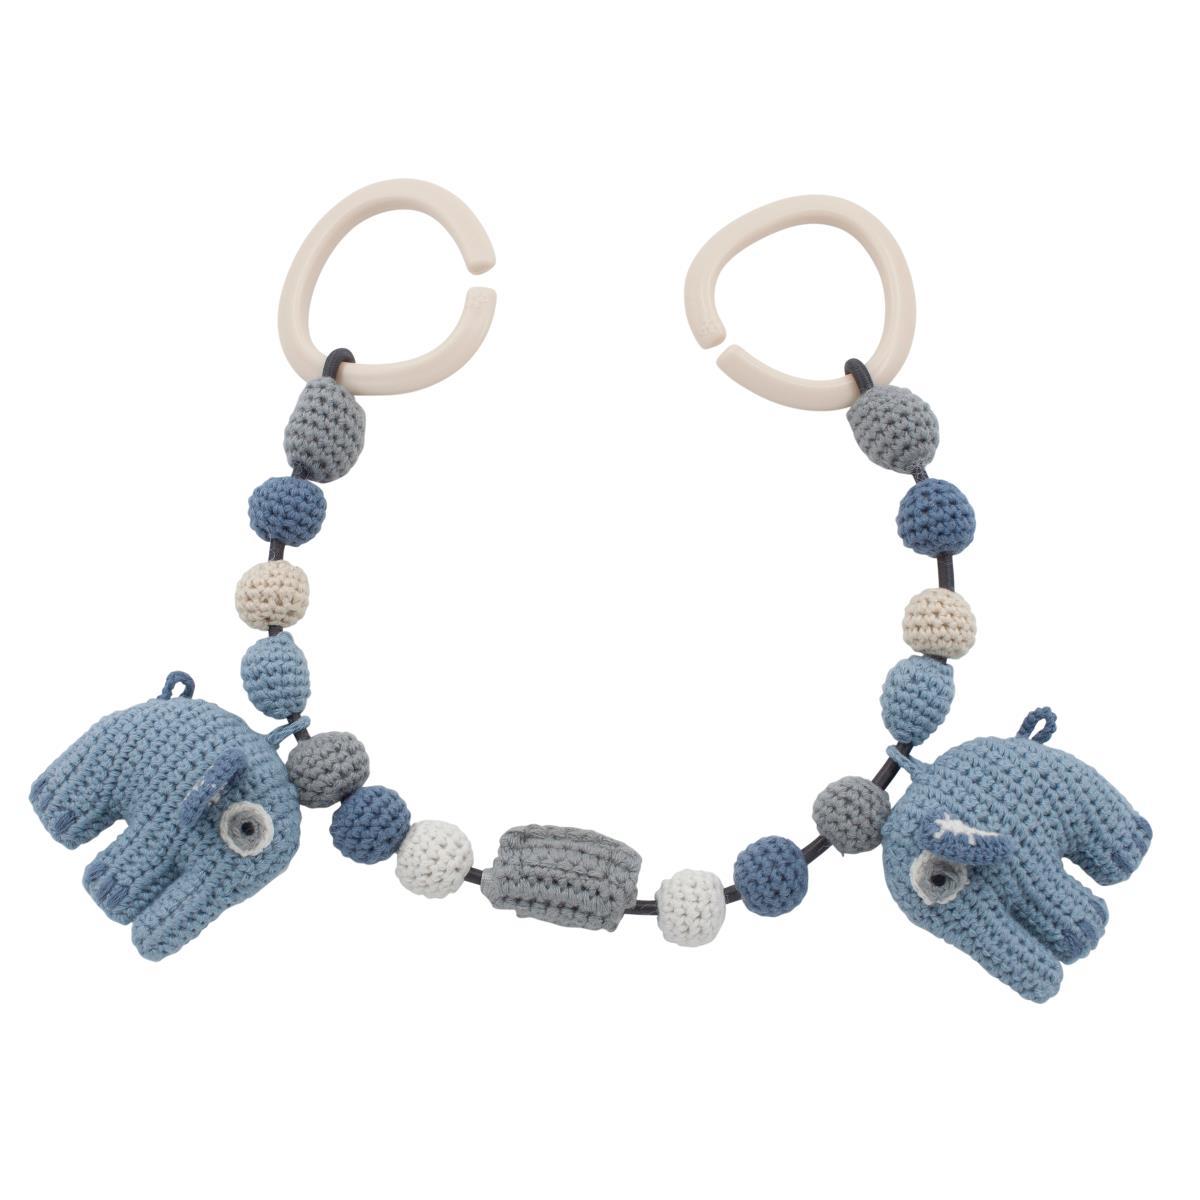 Billede af Sebra barnevognskæde m.elefanter, powder blue